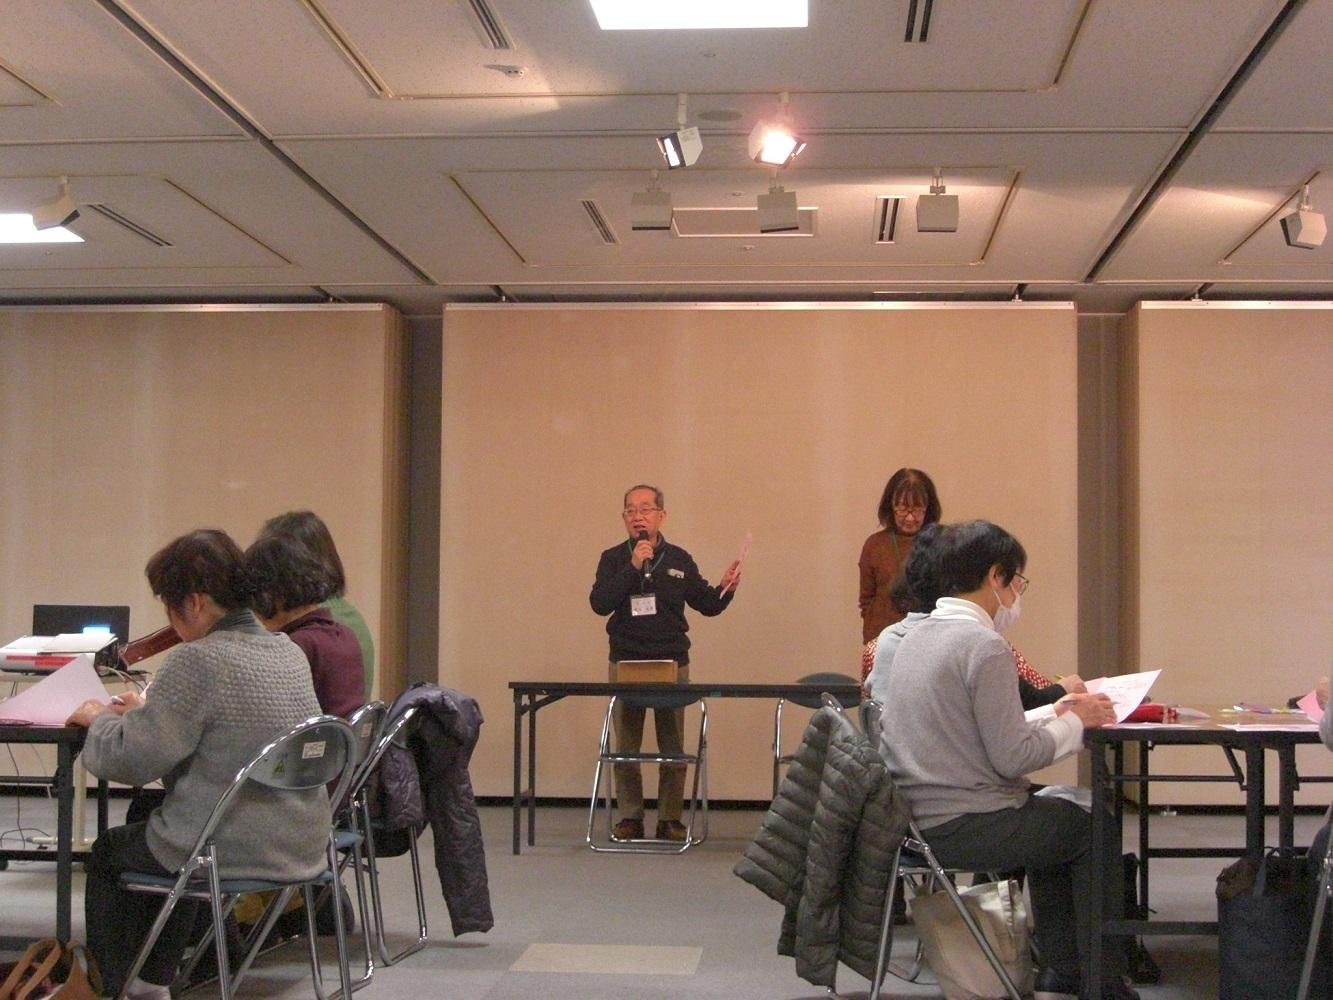 令和元年度認定者を対象に「活動先との交流会」を福岡市ふくふくプラザで開催しました